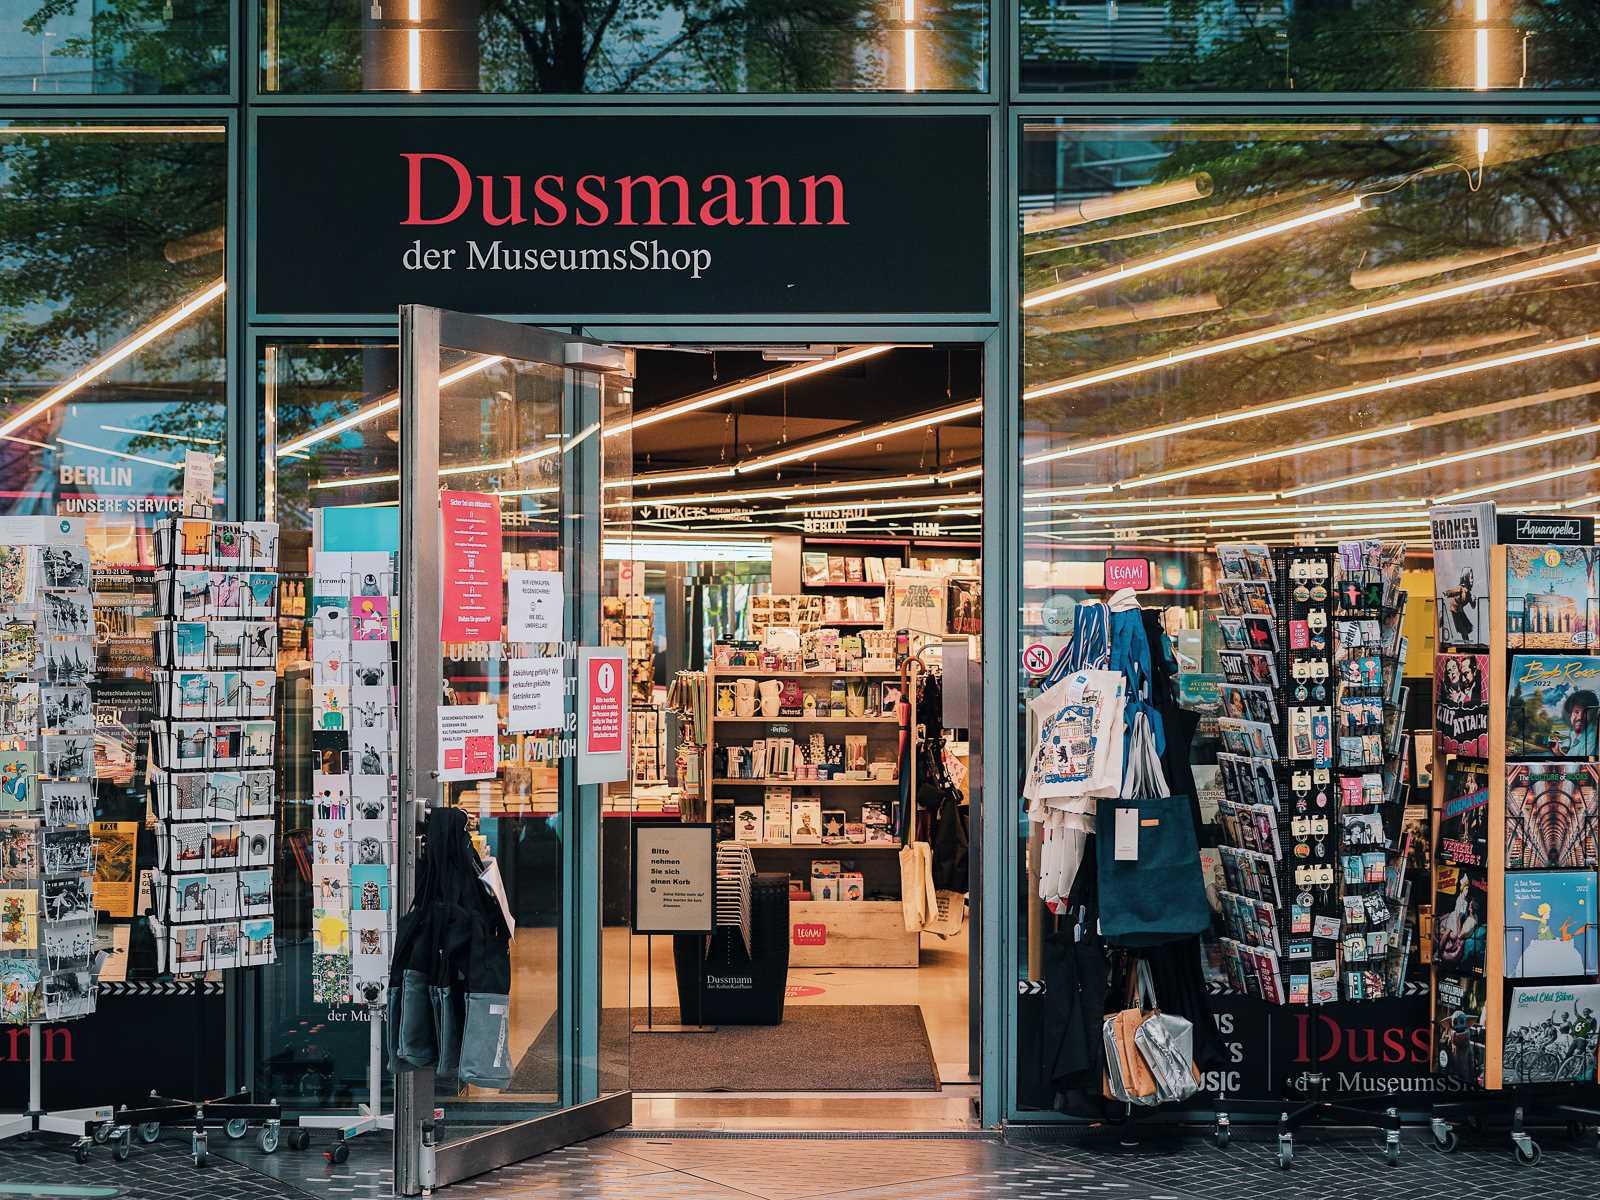 Dussmann Museumsshop im Sony Center 2